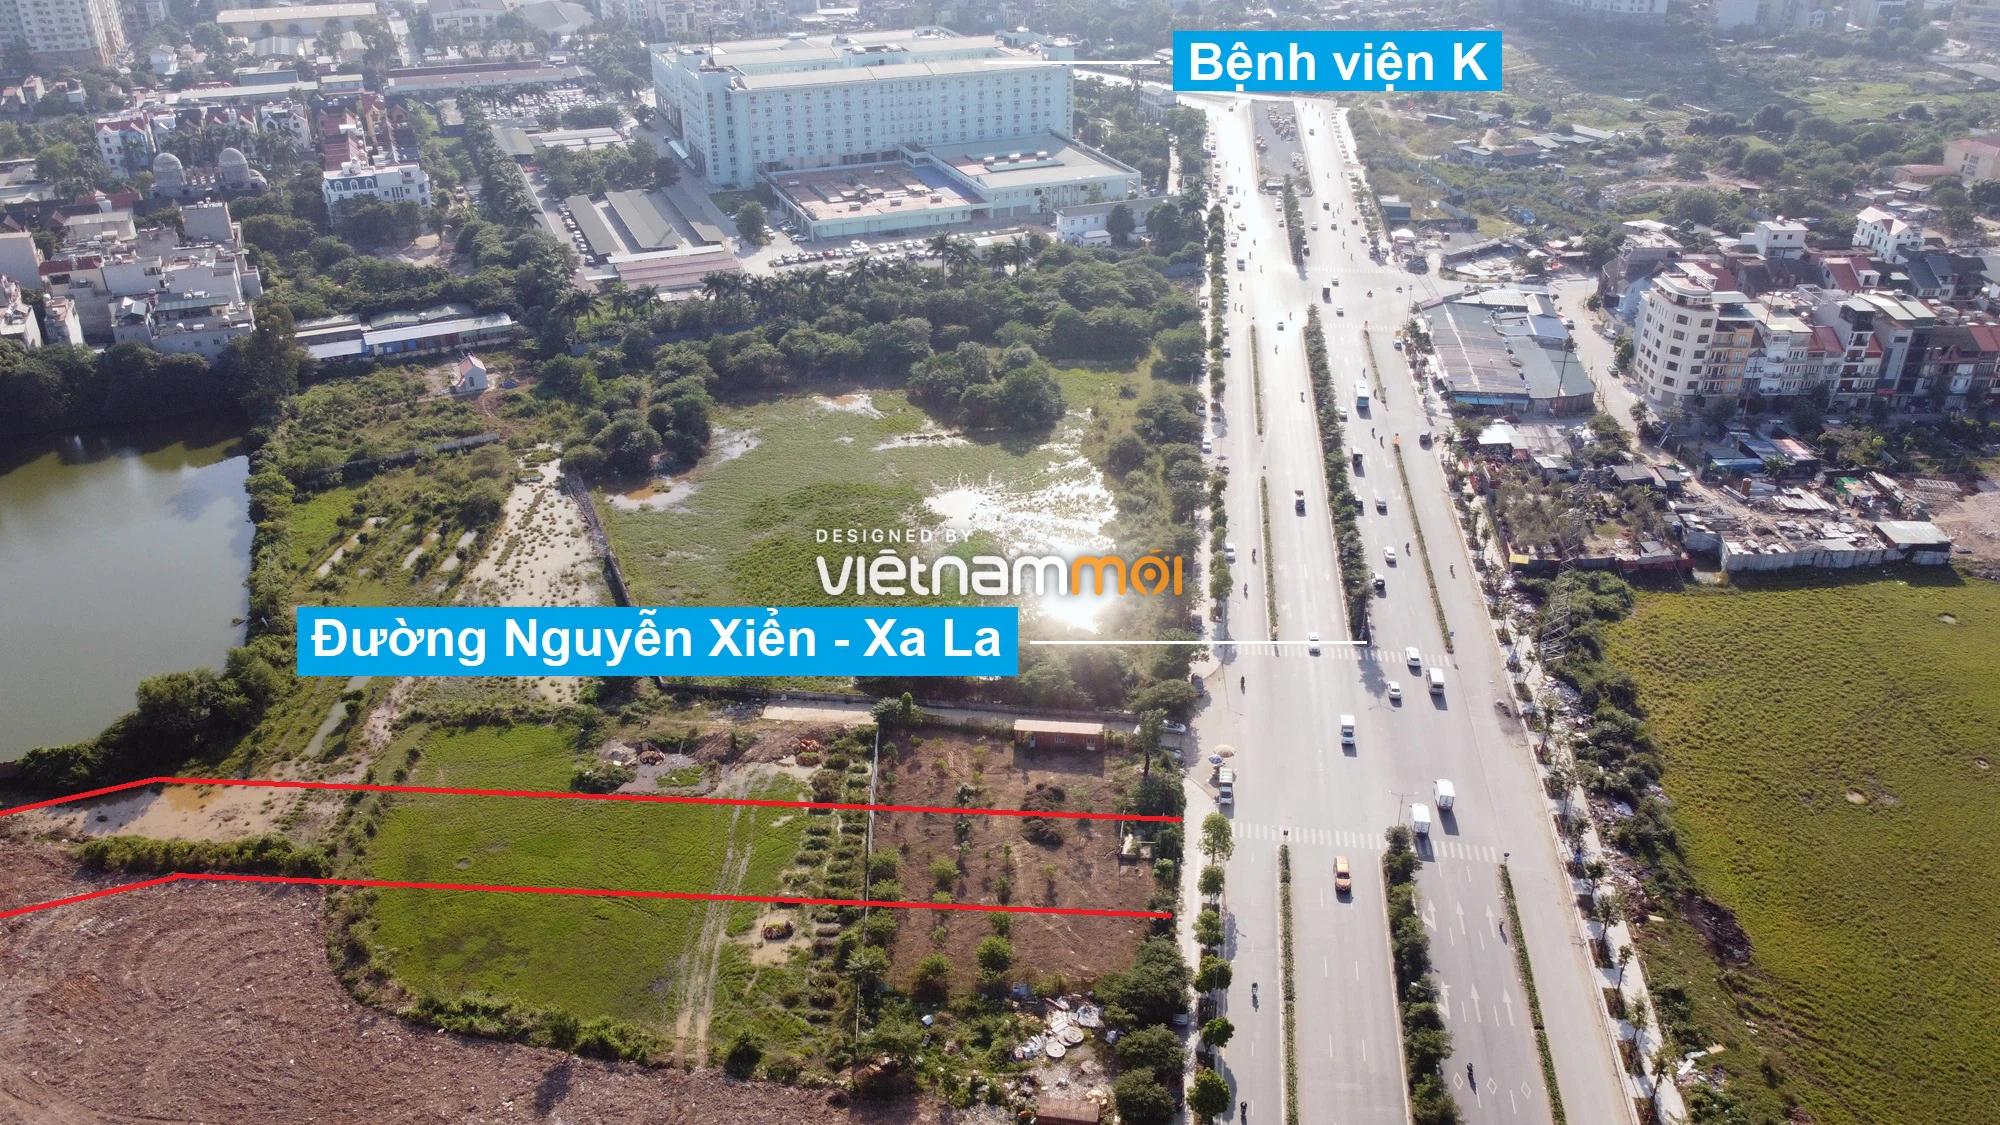 Những khu đất sắp thu hồi để mở đường ở xã Tân Triều, Thanh Trì Hà Nội (phần 1) - Ảnh 17.